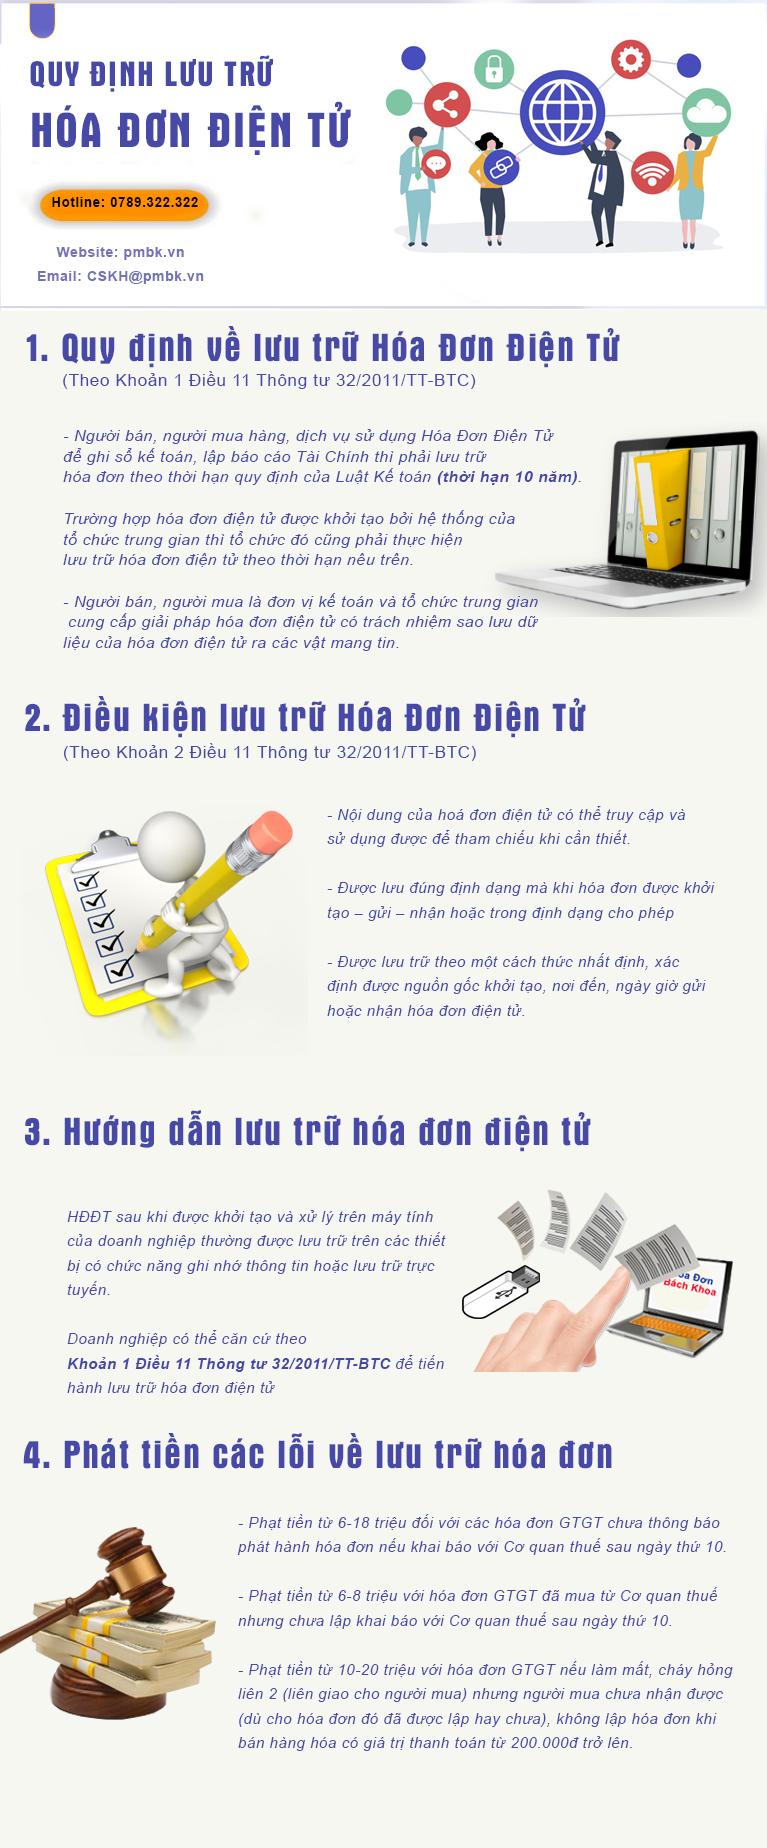 quy định về lưu trữ hóa đơn điện tử